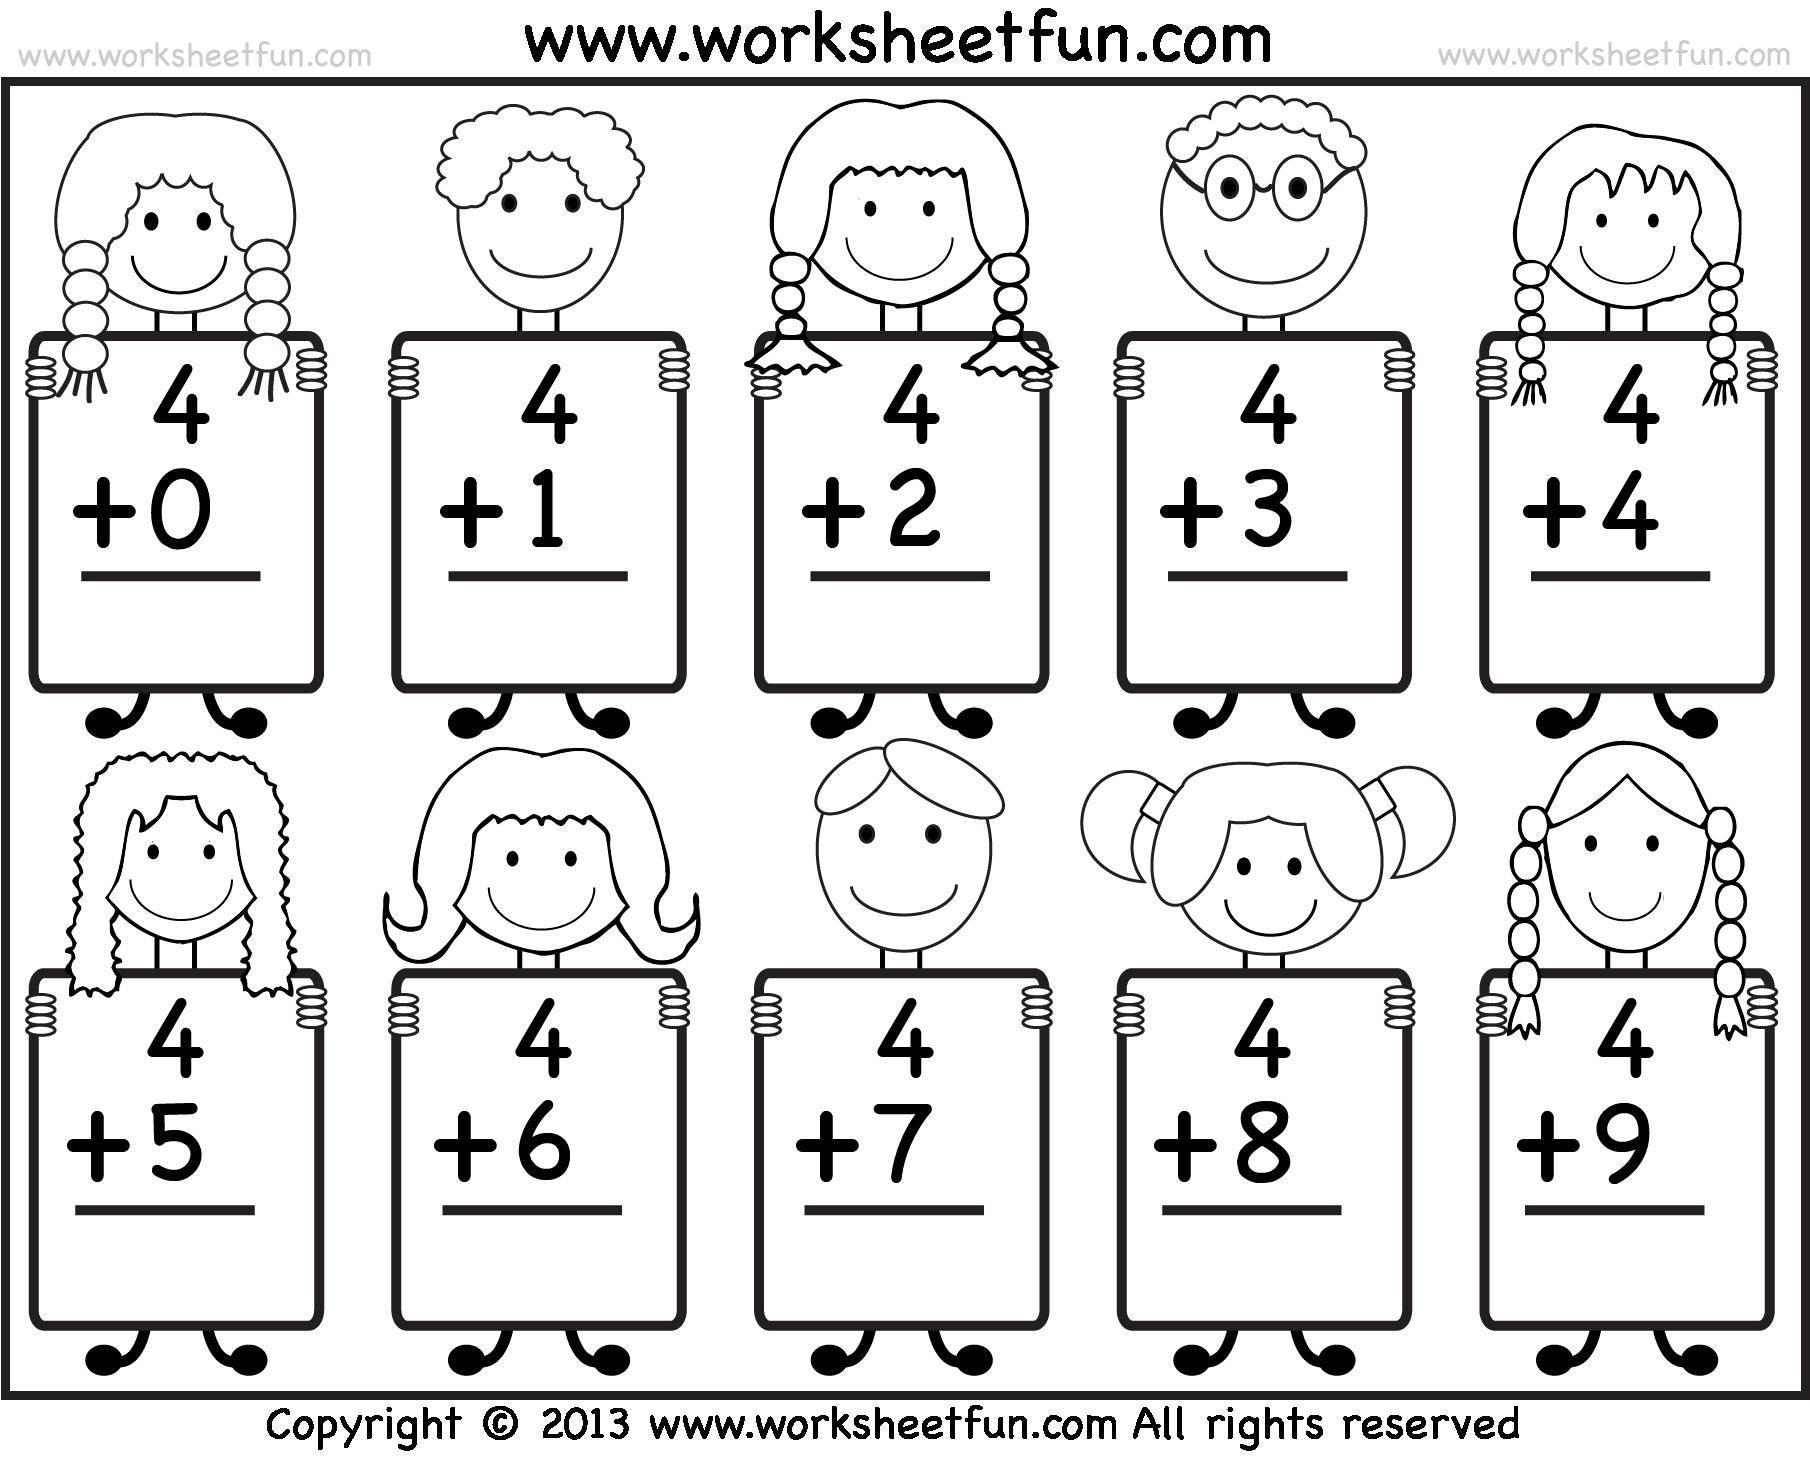 Free Printable Math Worksheets For Kindergarten Addition 1